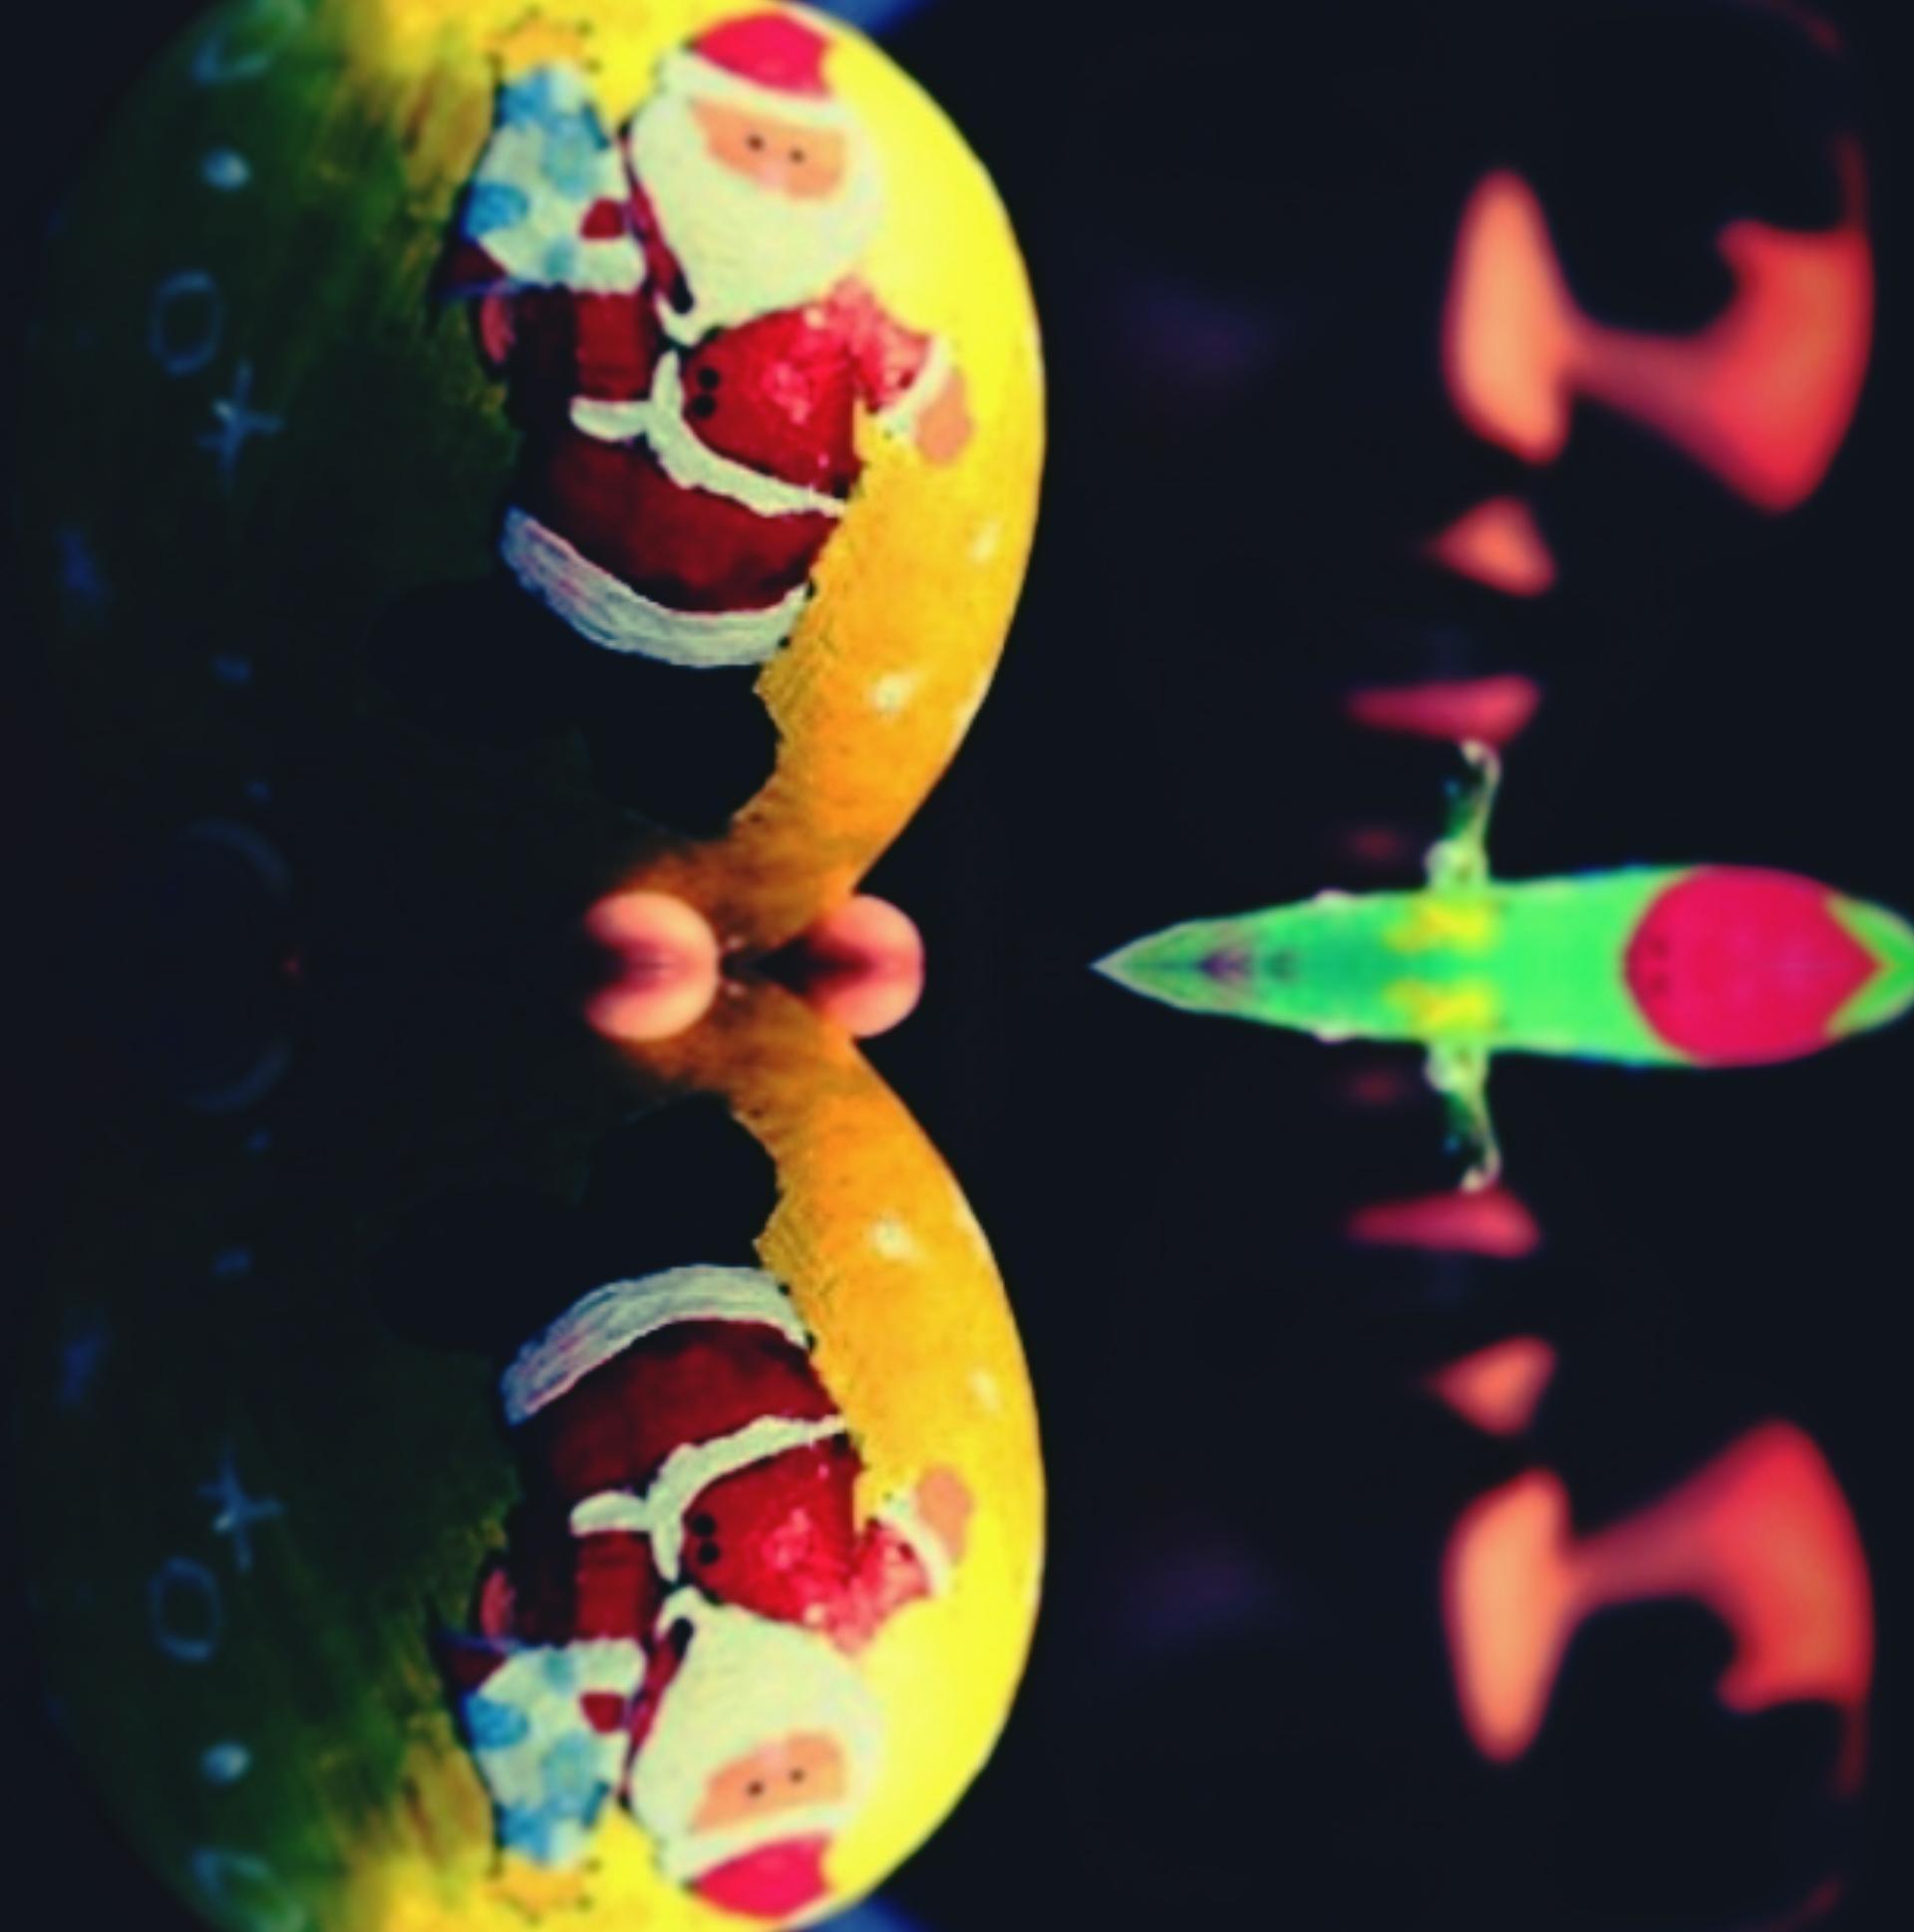 L'immagine mostra una pallina dell'albero di natale gialla con un babbo natale disegnato con tratti elementari. La pallina è riflessa su una superficie scura, i cui contorni si confondono con quelli dello sfondo